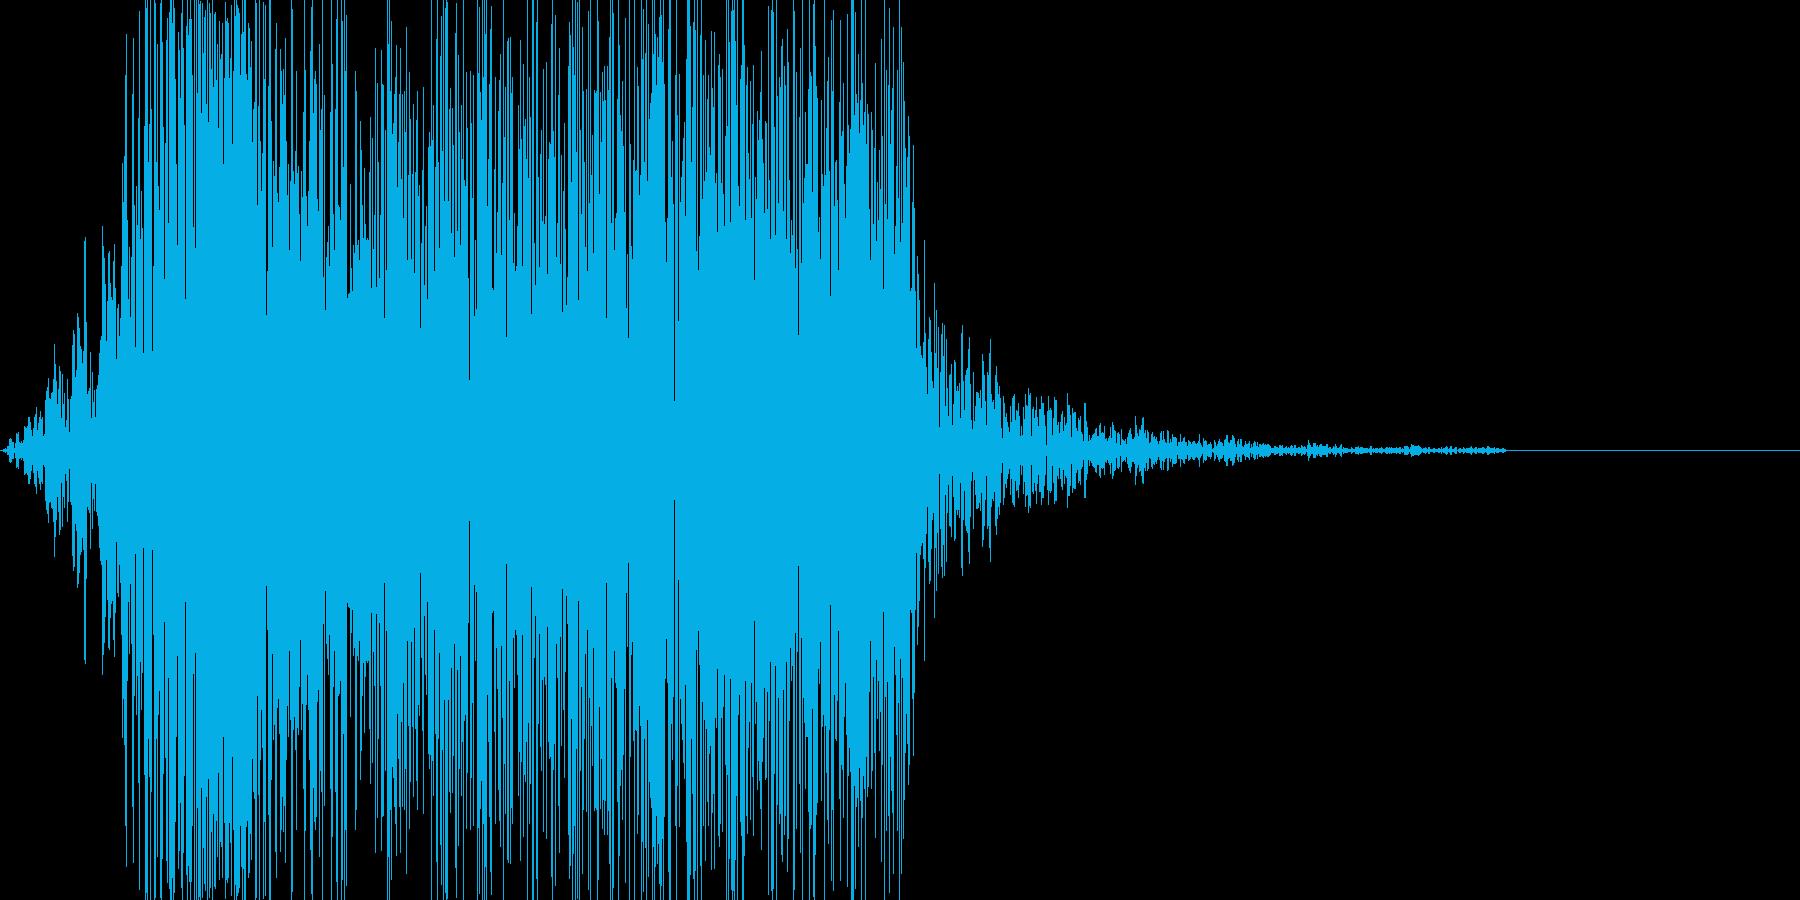 風切り音_攻撃_高速回転_竜巻_01の再生済みの波形